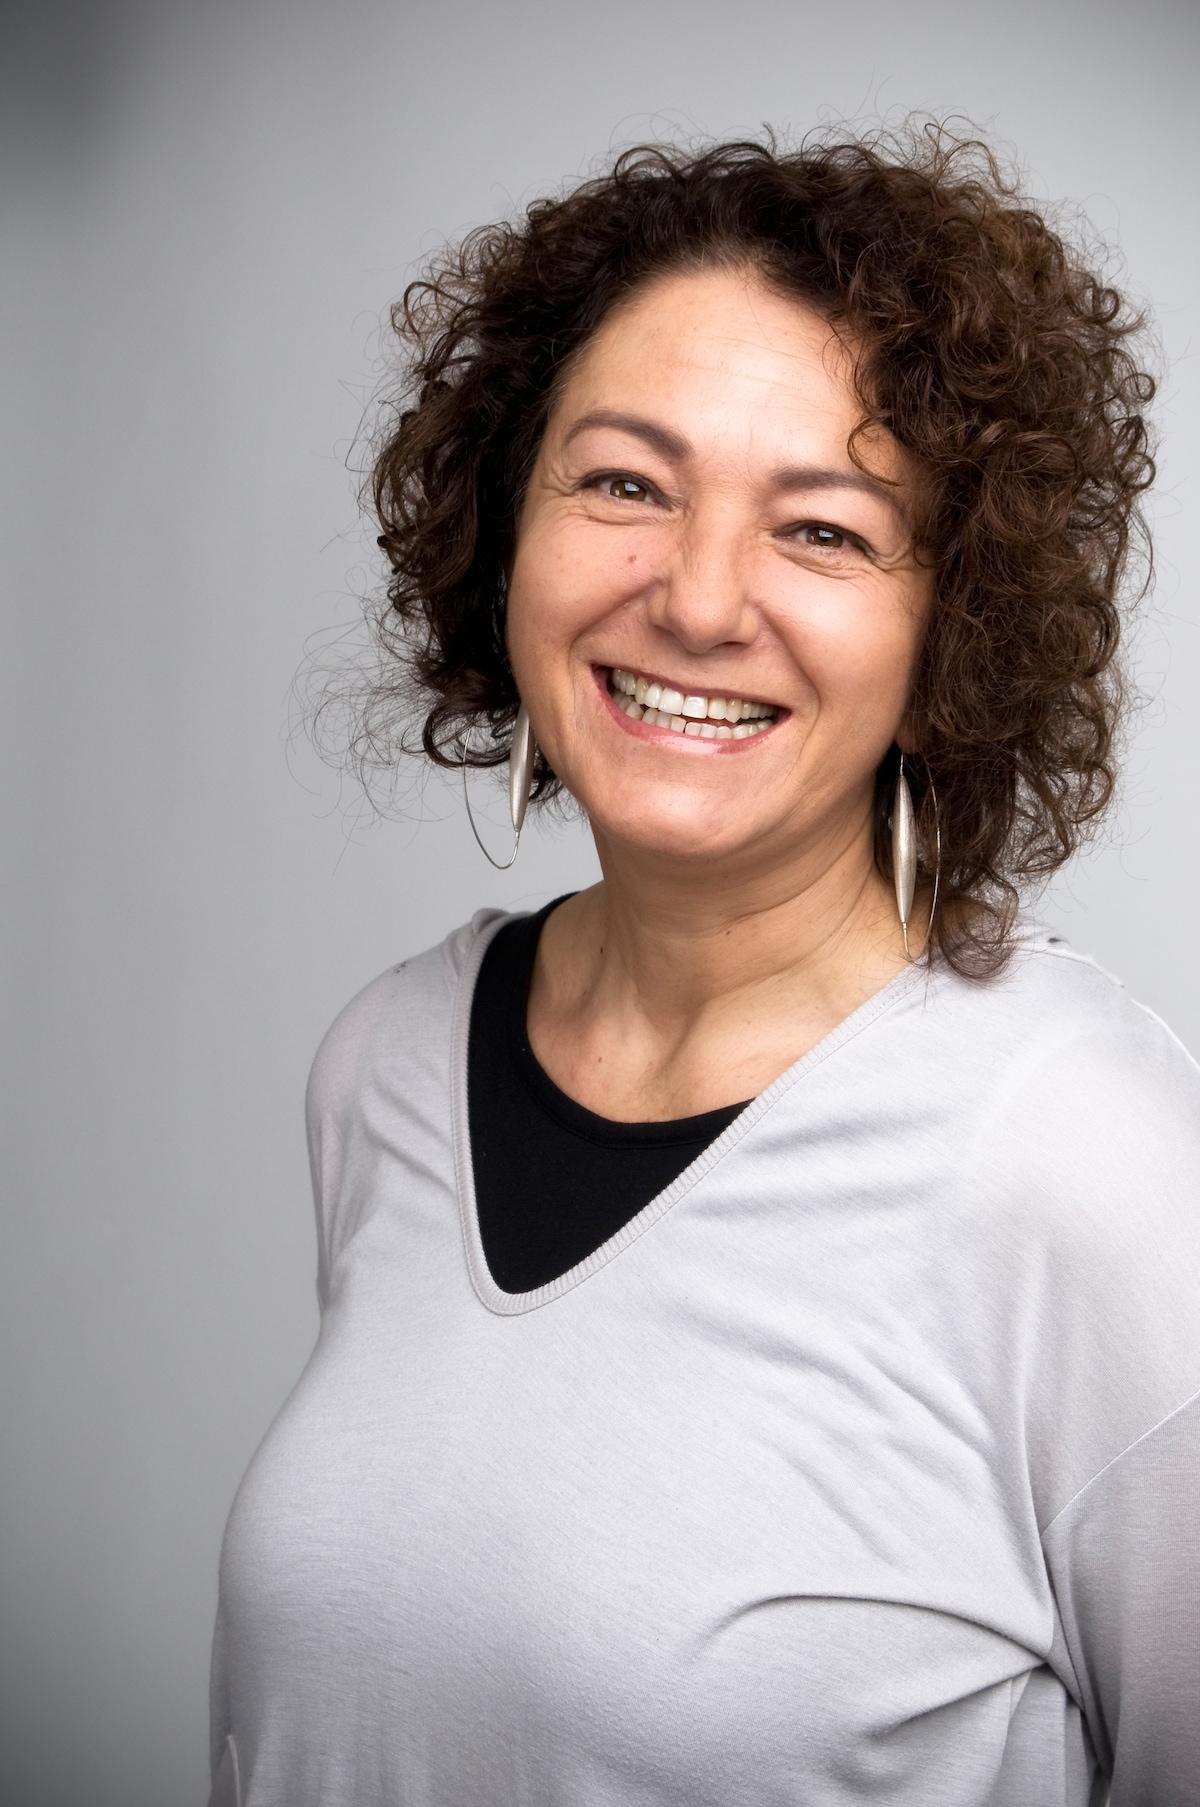 Daniela from Fiera di Primiero